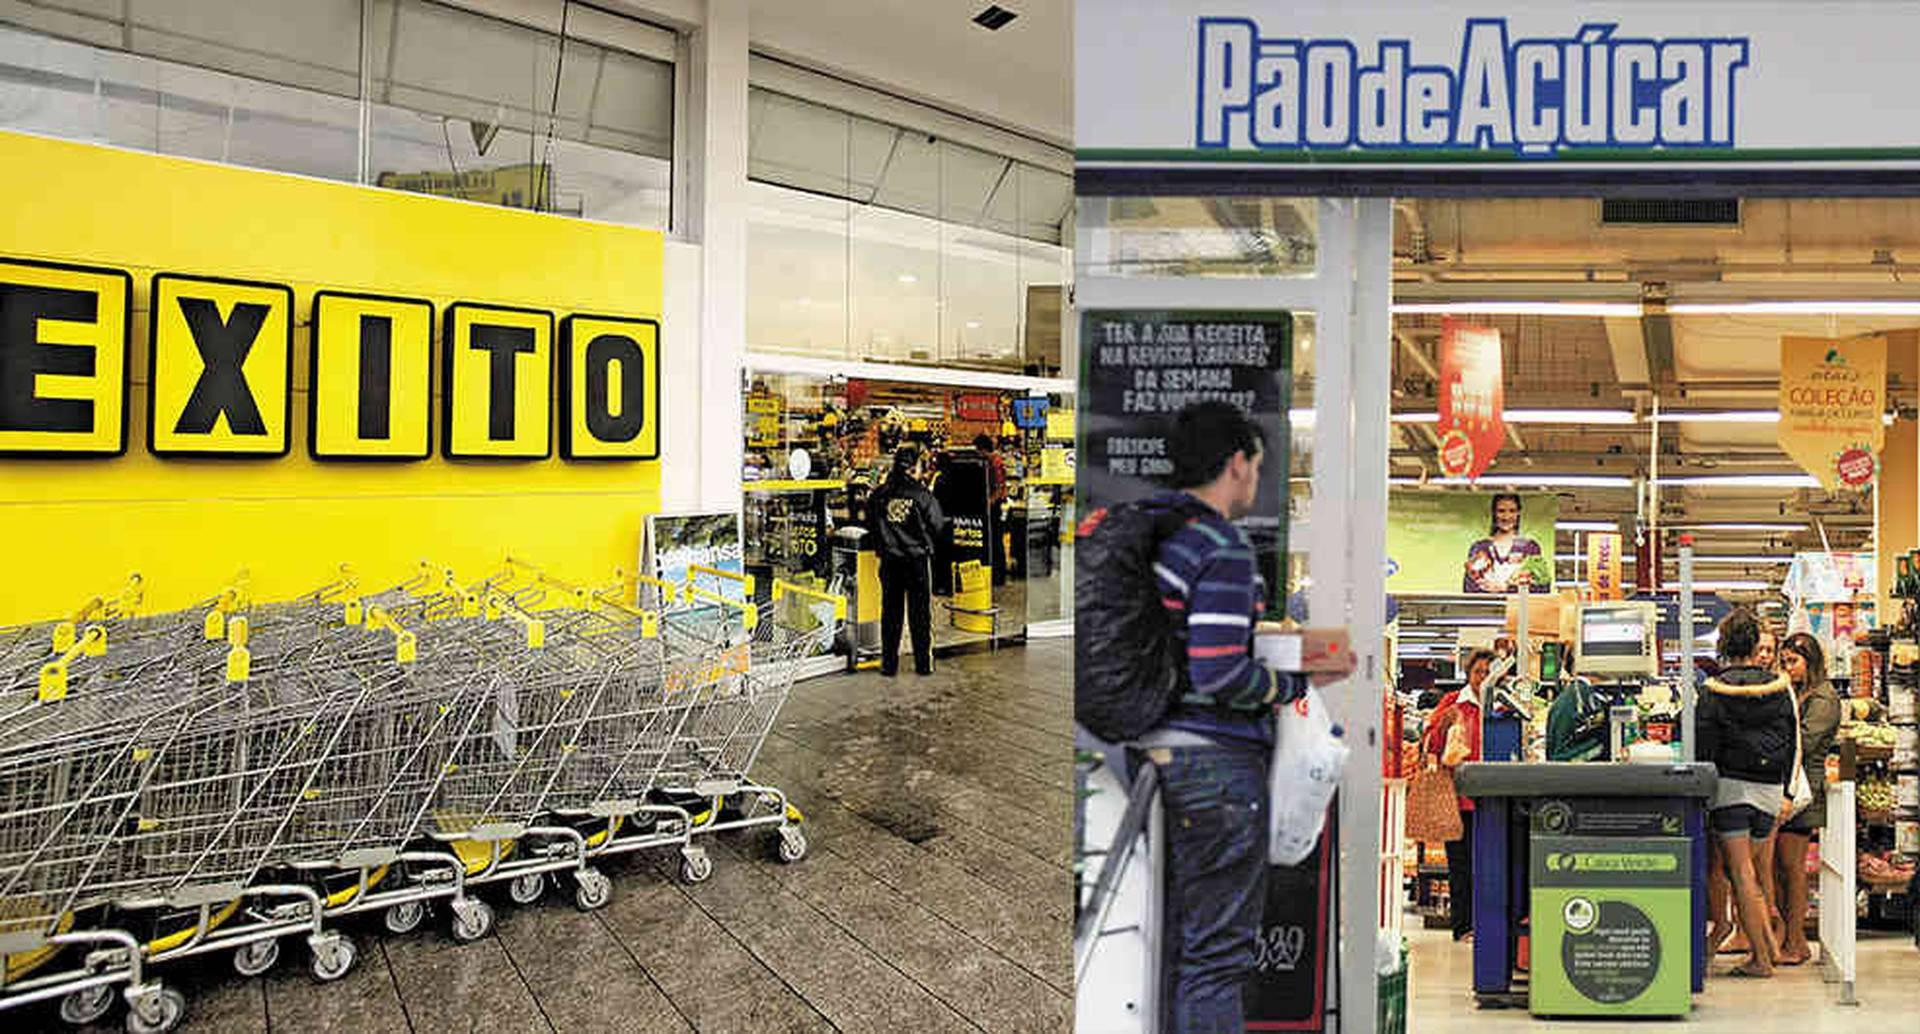 En julio de 2015, el Grupo Éxito anunció la compra de la GPA, compañía dueña de importantes cadenas de comercio en Brasil, como Pão de Açúcar, y desde entonces asumió su manejo. Ahora, la GPA quiere comprar al Éxito para convertirla en su subsidiaria.